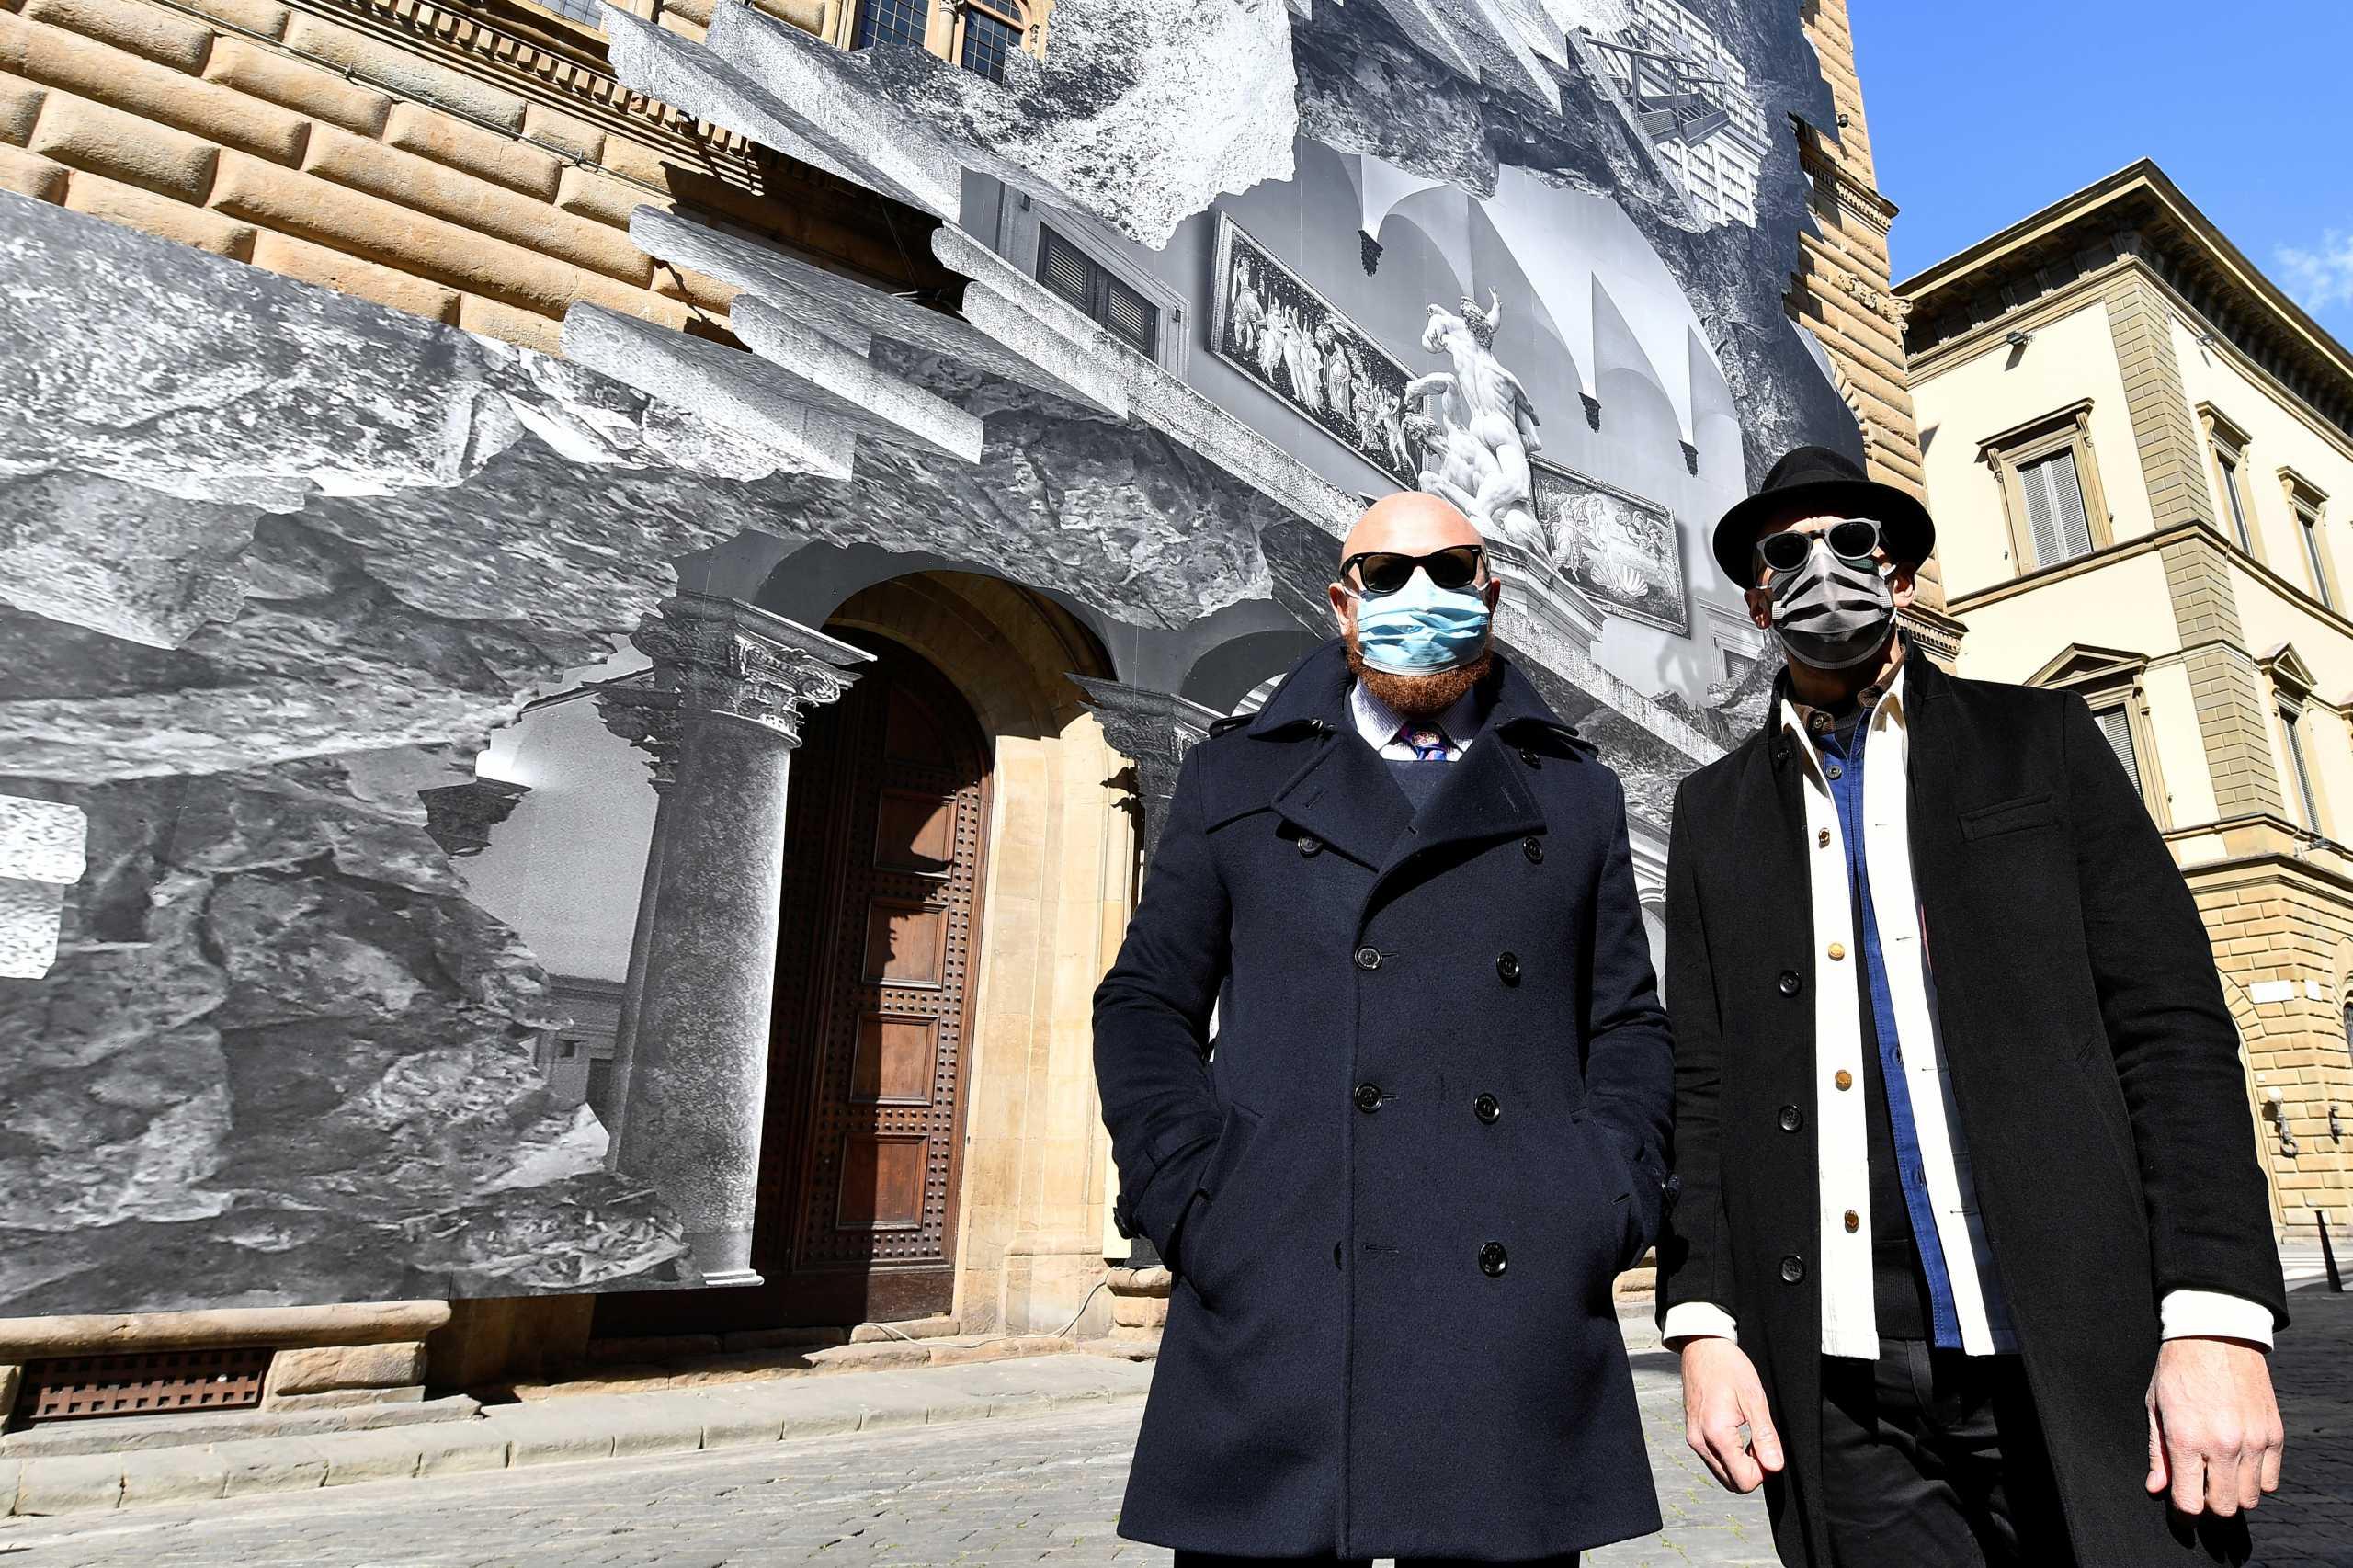 Ένας street artist «ανοίγει» το διάσημο μουσείο της Φλωρεντίας, Palazzo Strozzi